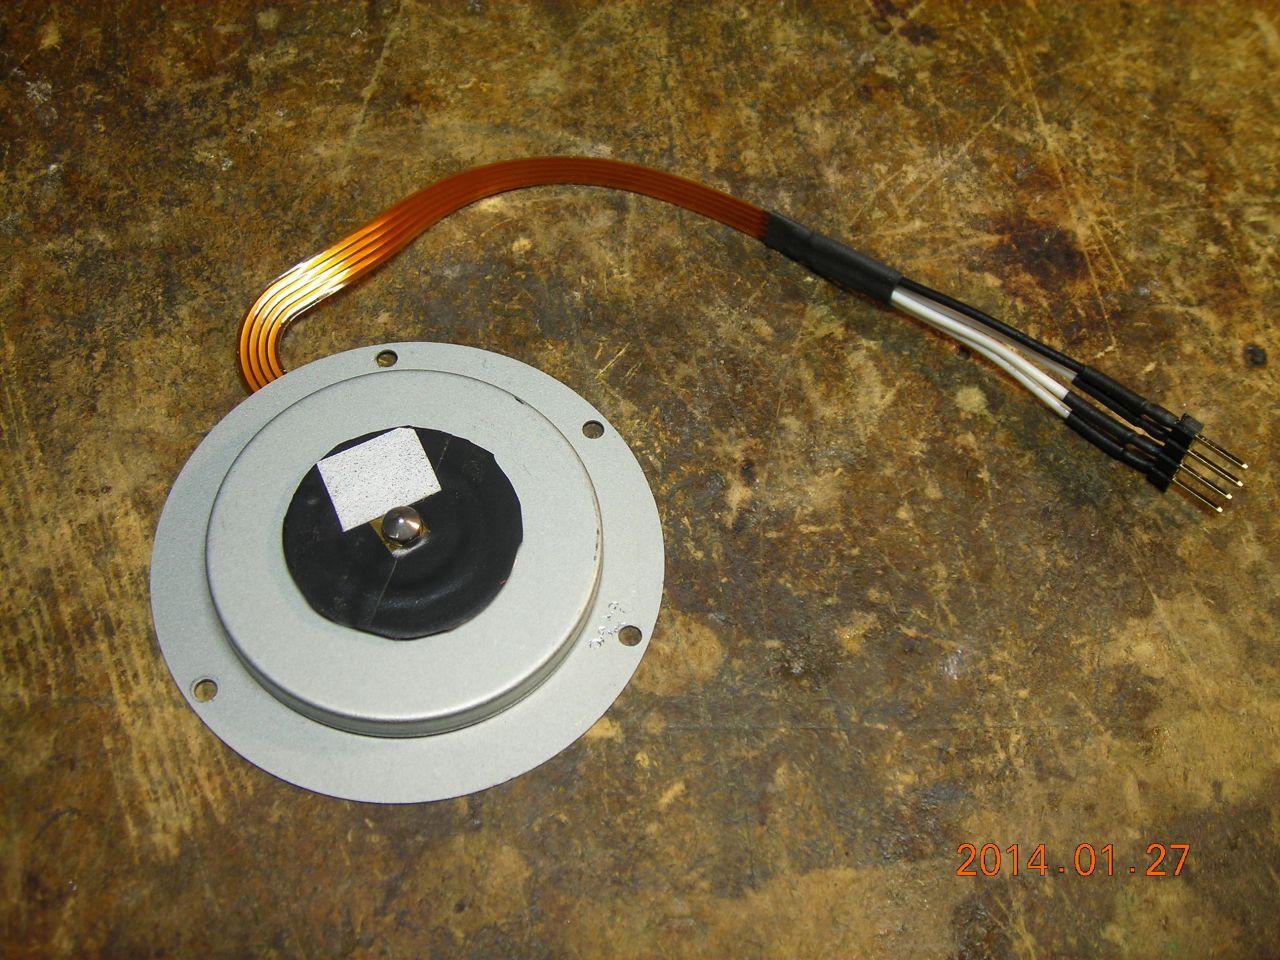 Brushless motor driver for disk drive motors on